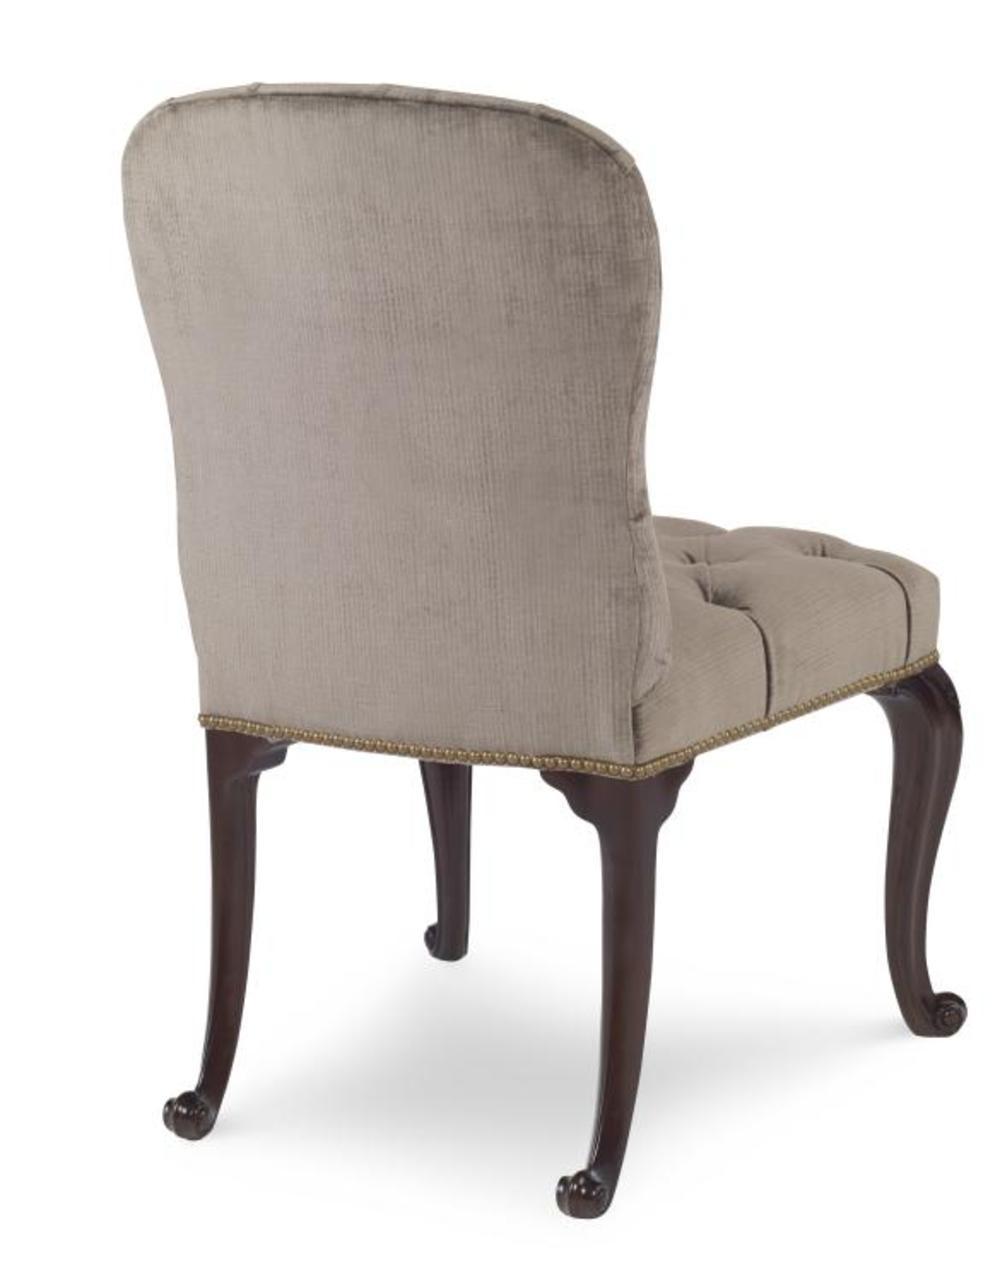 Century Furniture - Irish Chair